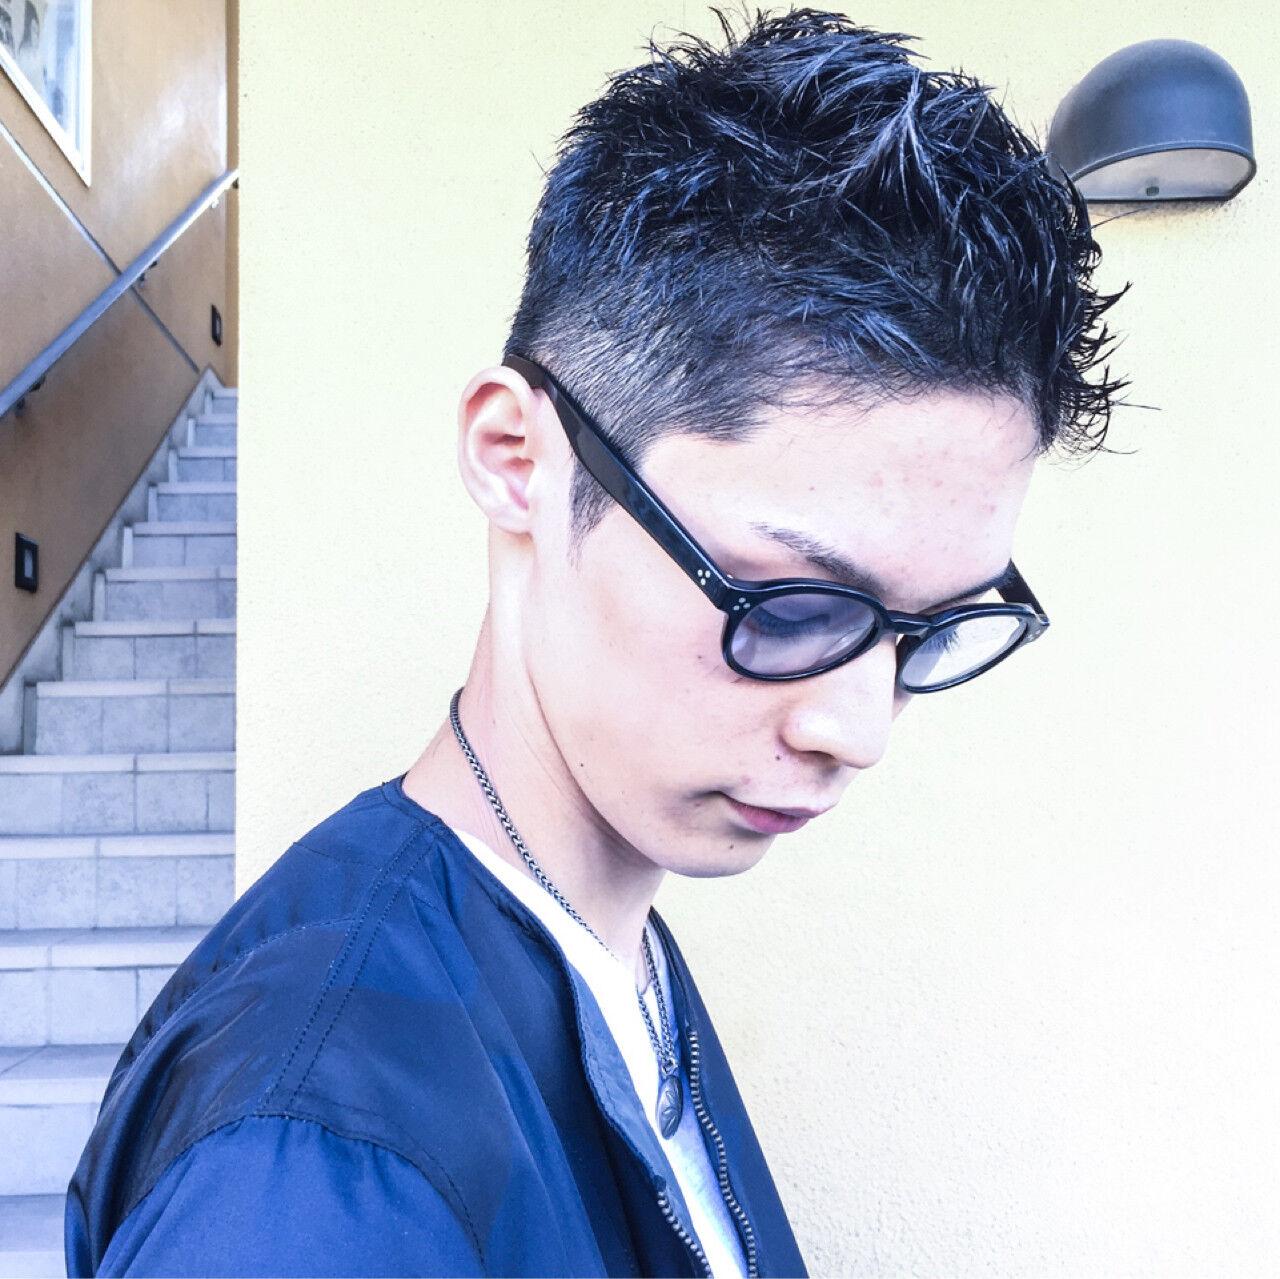 ベリーショート 外国人風 メンズ ショートヘアスタイルや髪型の写真・画像